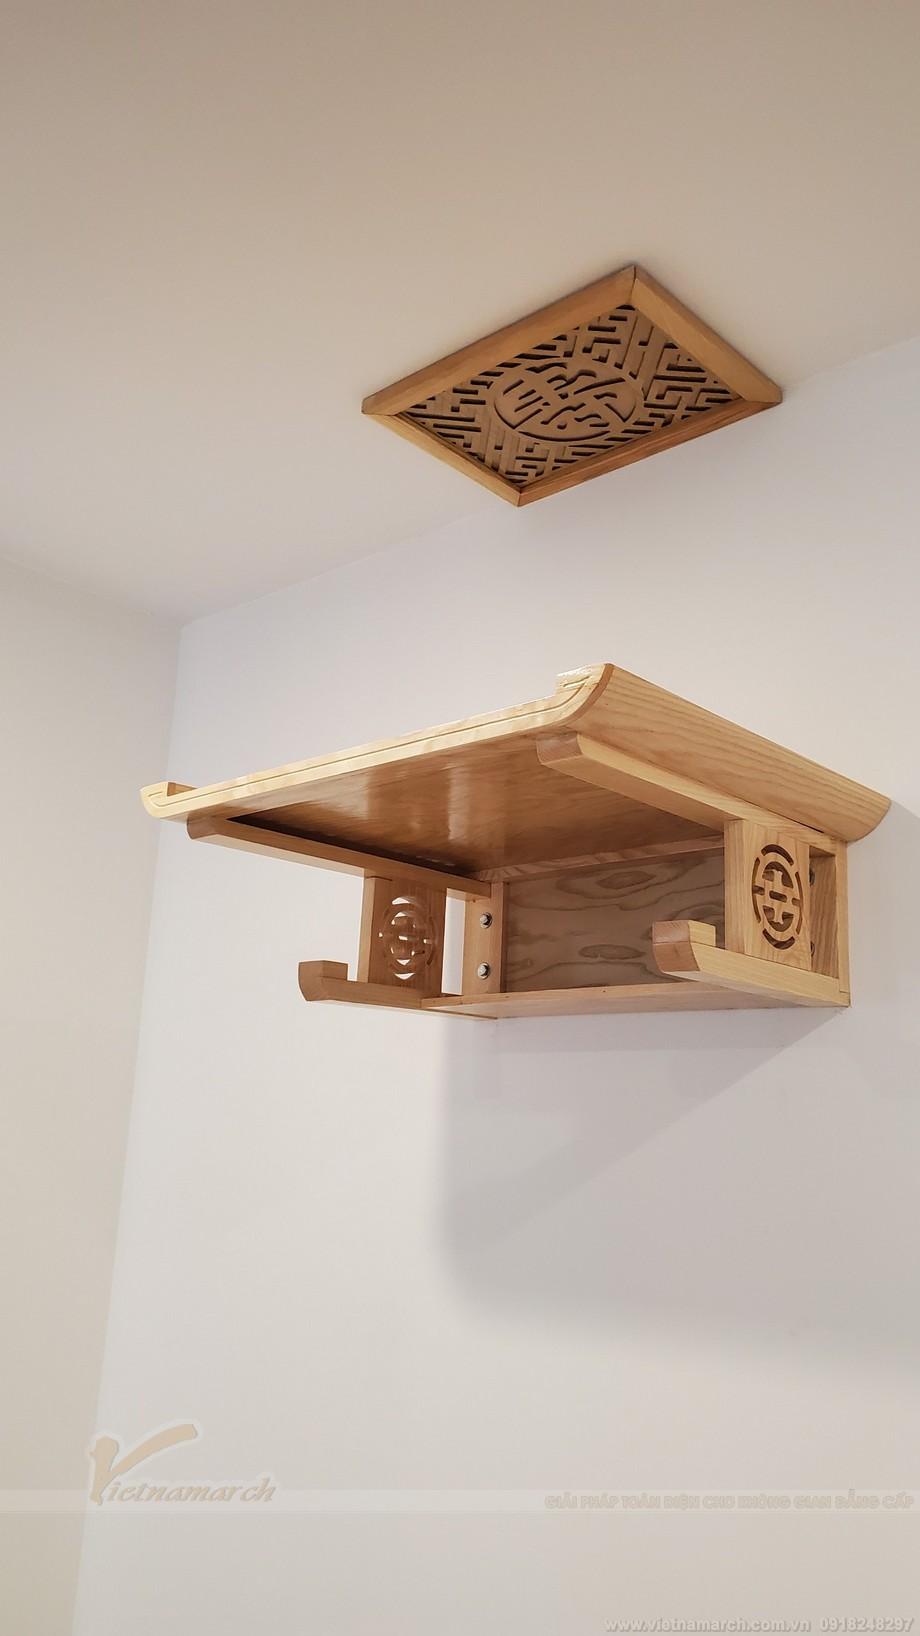 Thông tin về mẫu bàn thờ lắp đặt cho nhà chung cư anh Mạnh tại Vinhomes Green Bay